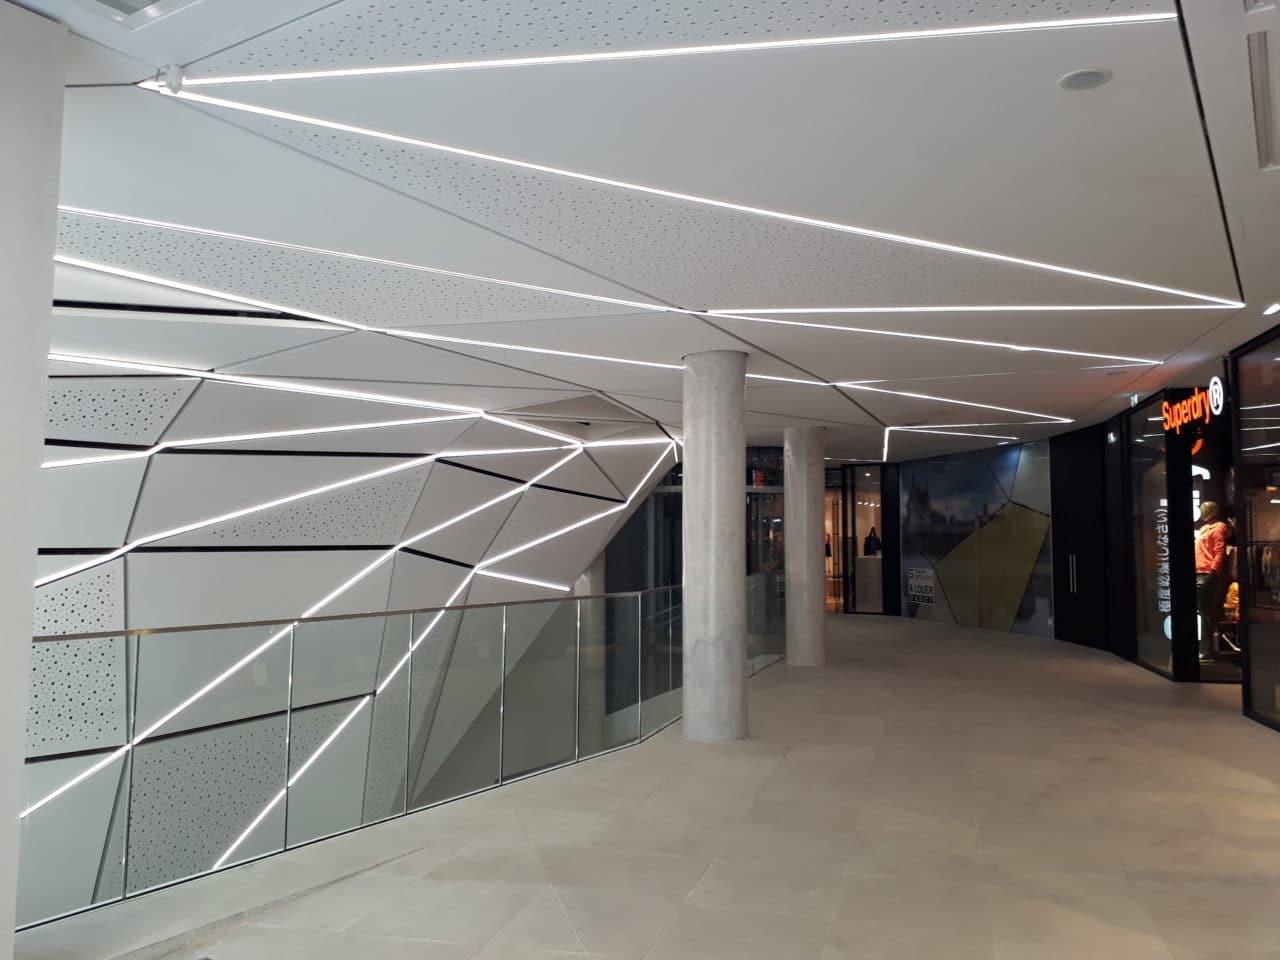 Plafond décoratif et acoustique en plaque de plâtre, réalisation usinage numérique